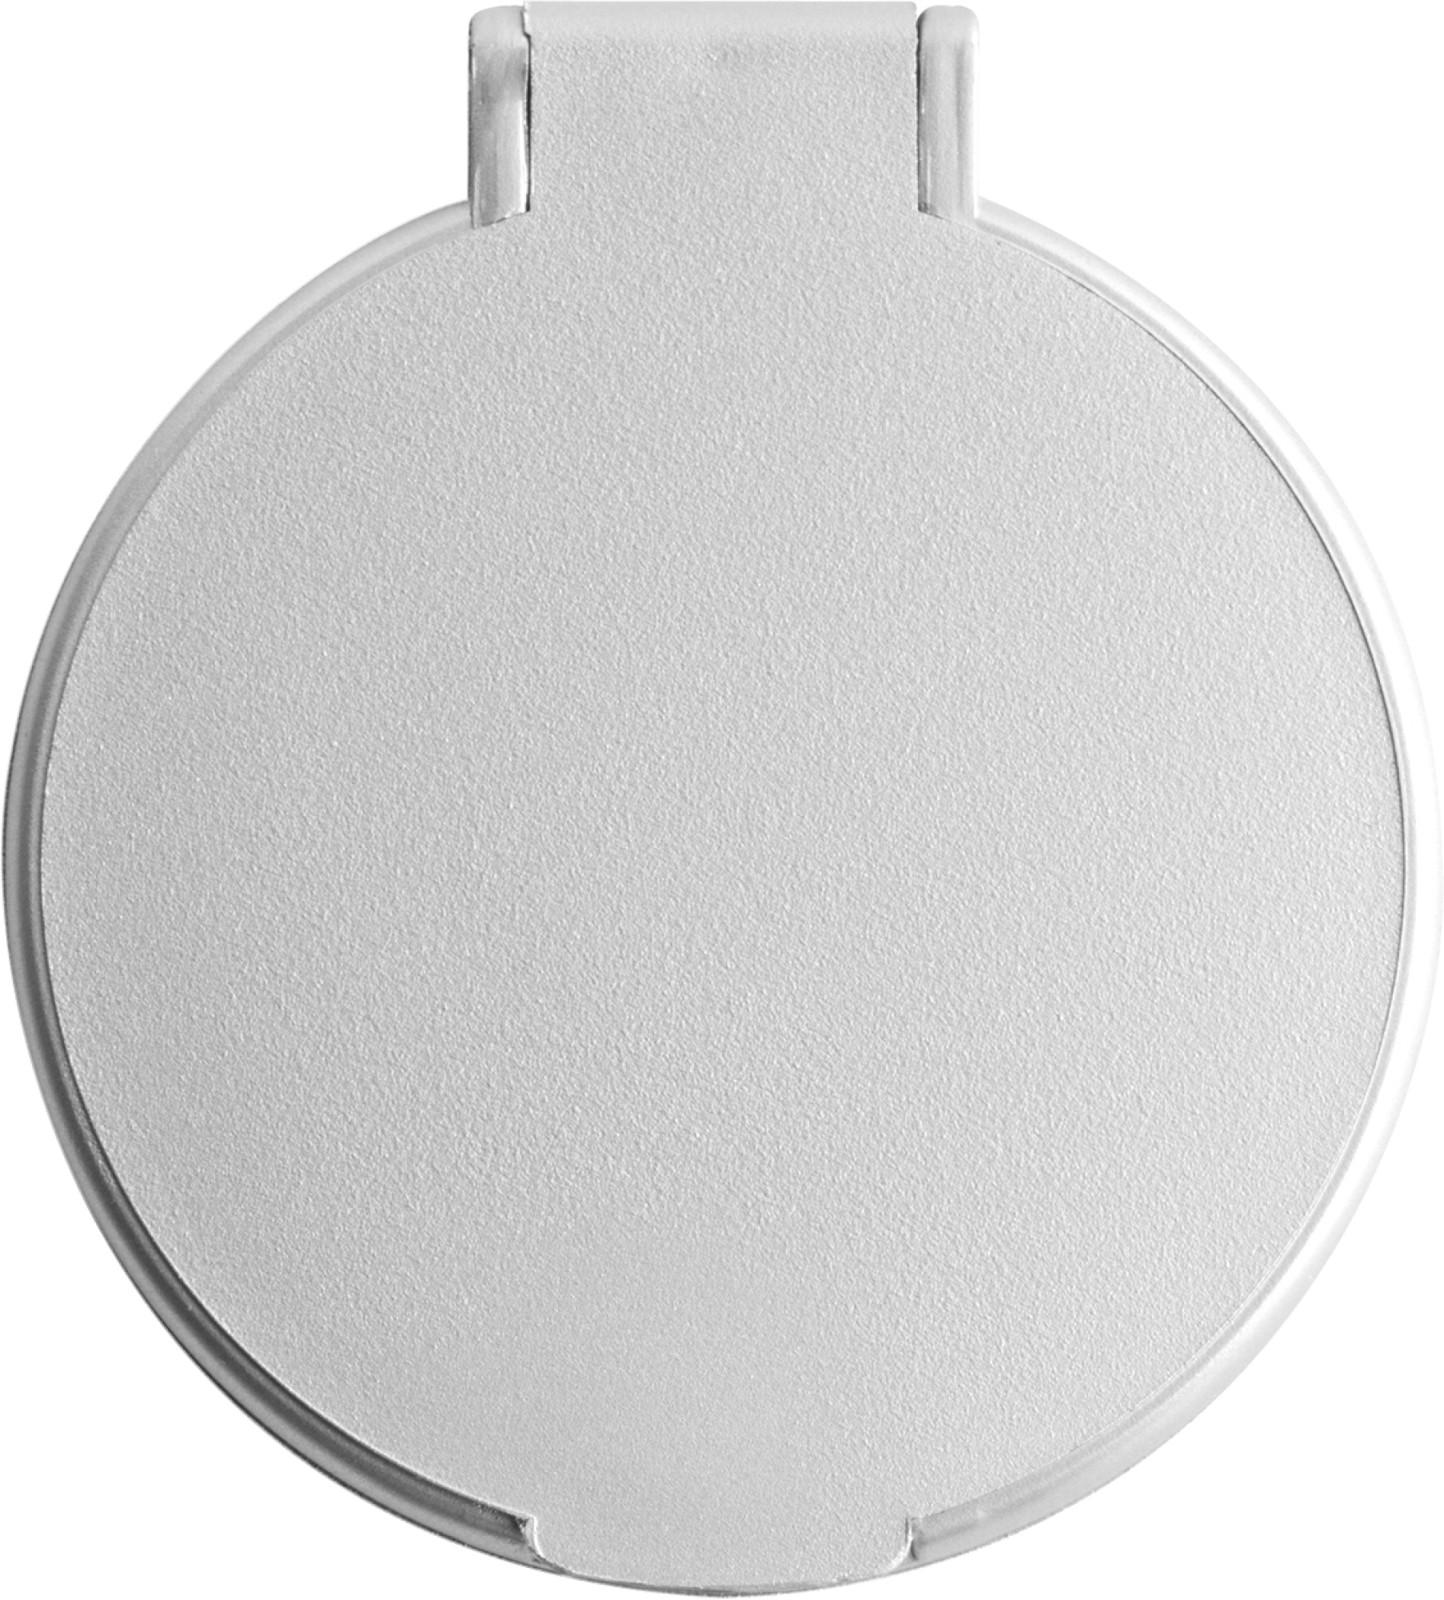 PS pocket mirror - Silver